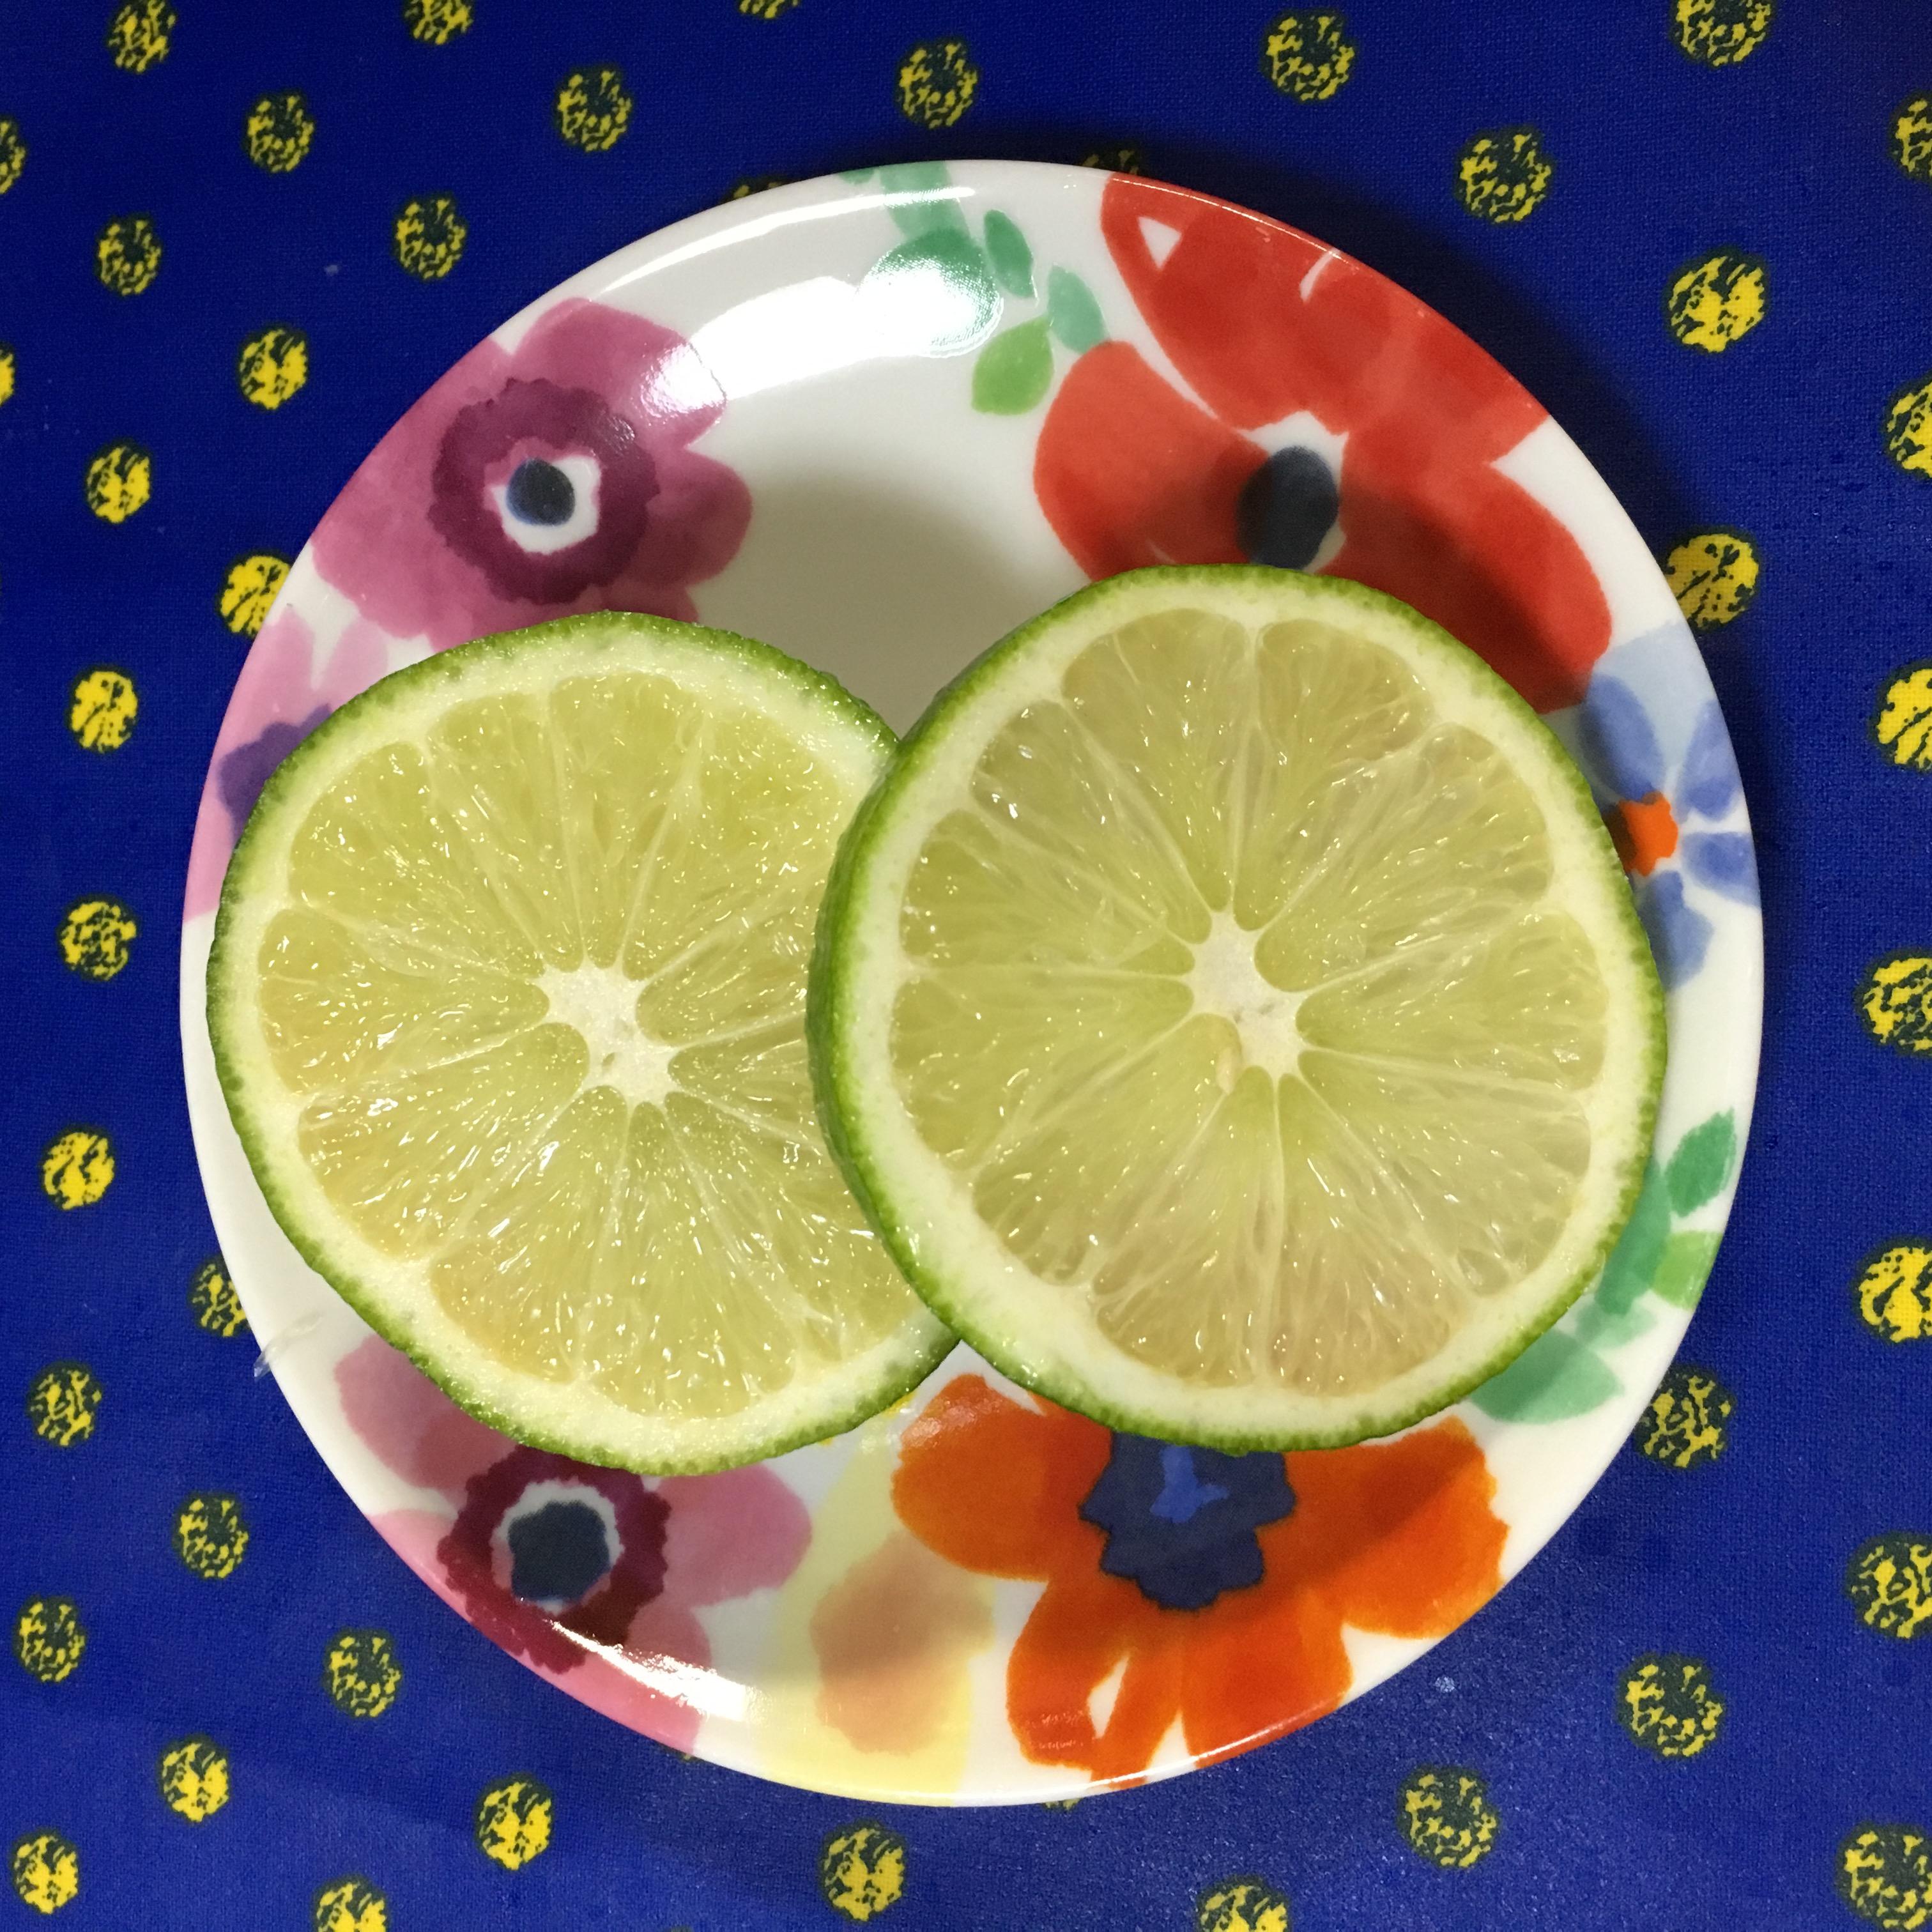 http://www.okireci.net/blog/upimages/IMG_9165.JPG